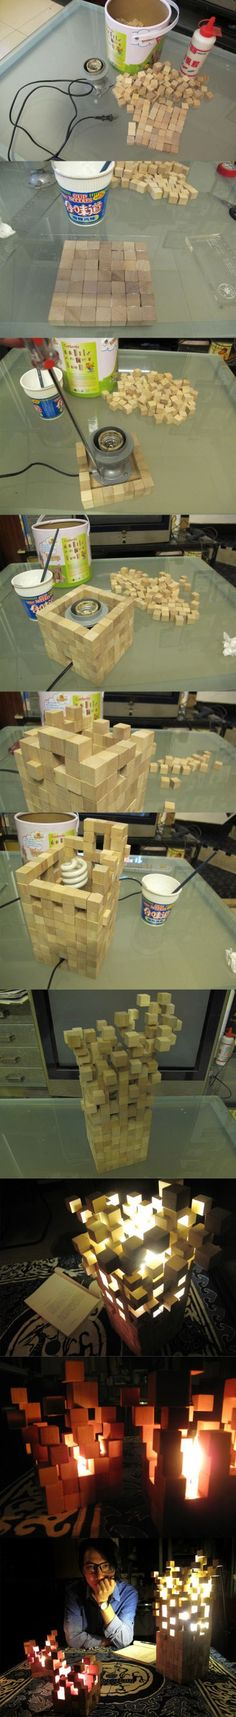 需要的材料:木方块、胶水、成品灯头、还有您的创意思维 制作:其实也没啥好说的,创作者就是将一块块的小木块按照自己的理解和创意一块块的粘贴起来。有的规则有的另类。然后创作出最后的唯美效果。